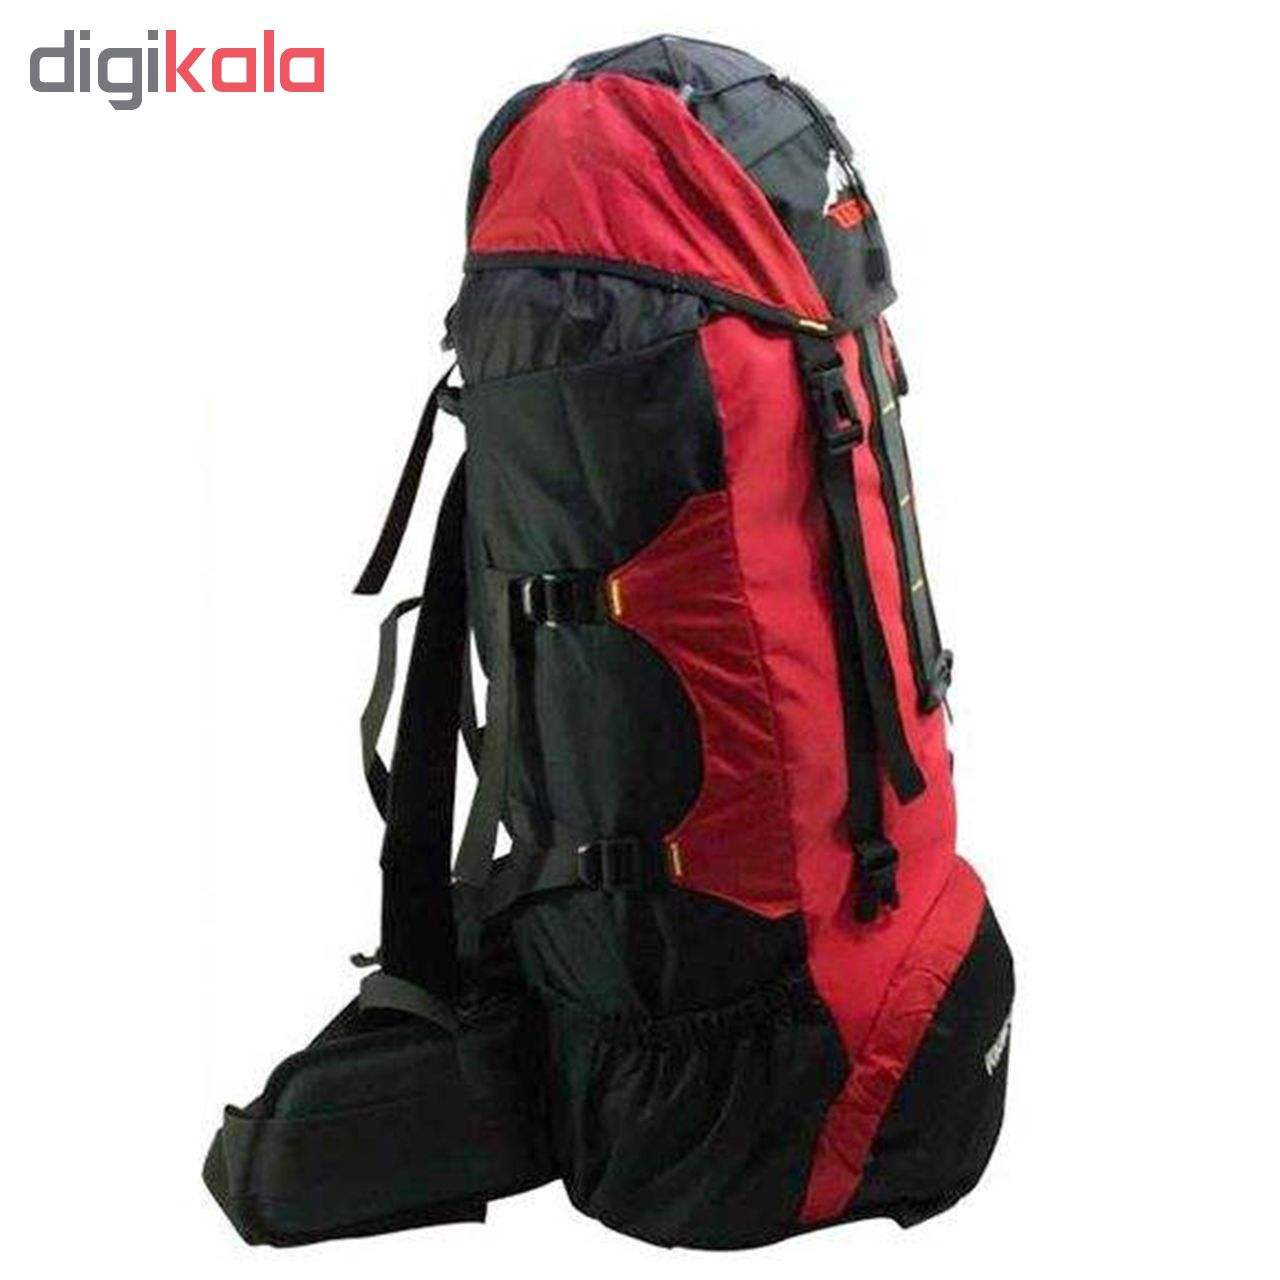 کوله پشتی کوهنوردی 85 لیتری کد b166 main 1 1